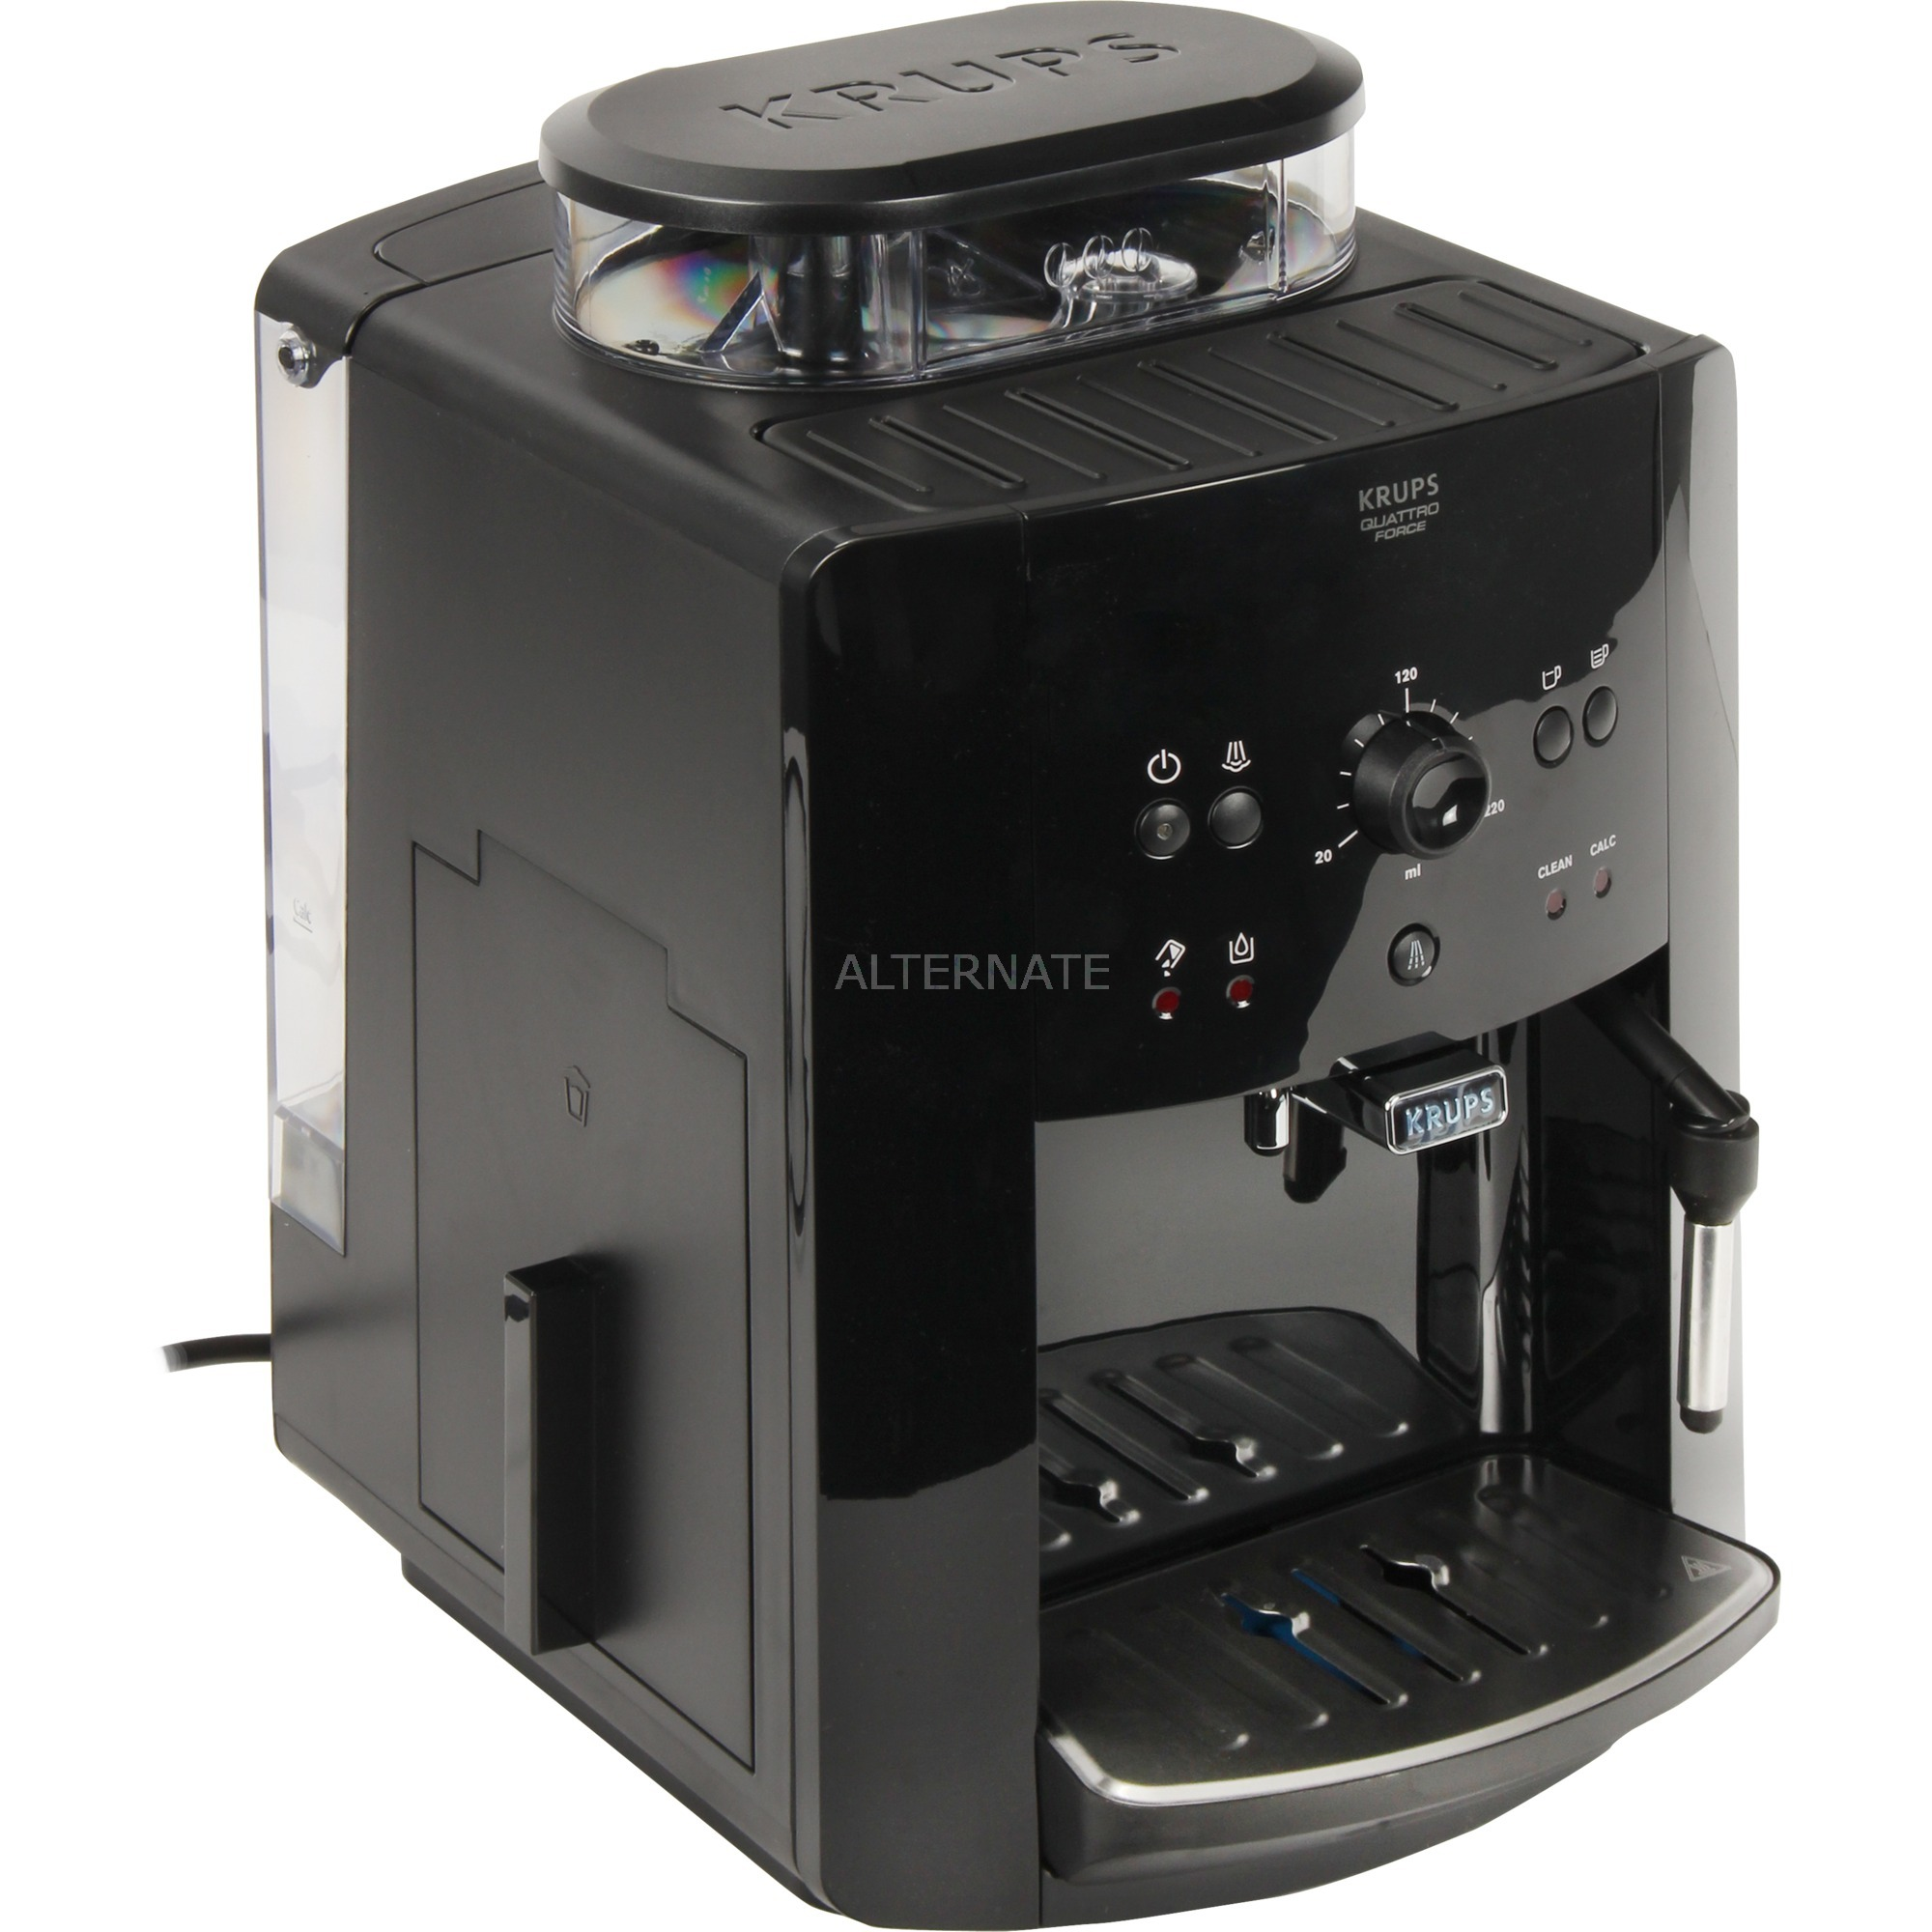 Arabica EA8110 cafetera eléctrica Independiente Máquina espresso 1,7 L Totalmente automática, Superautomática